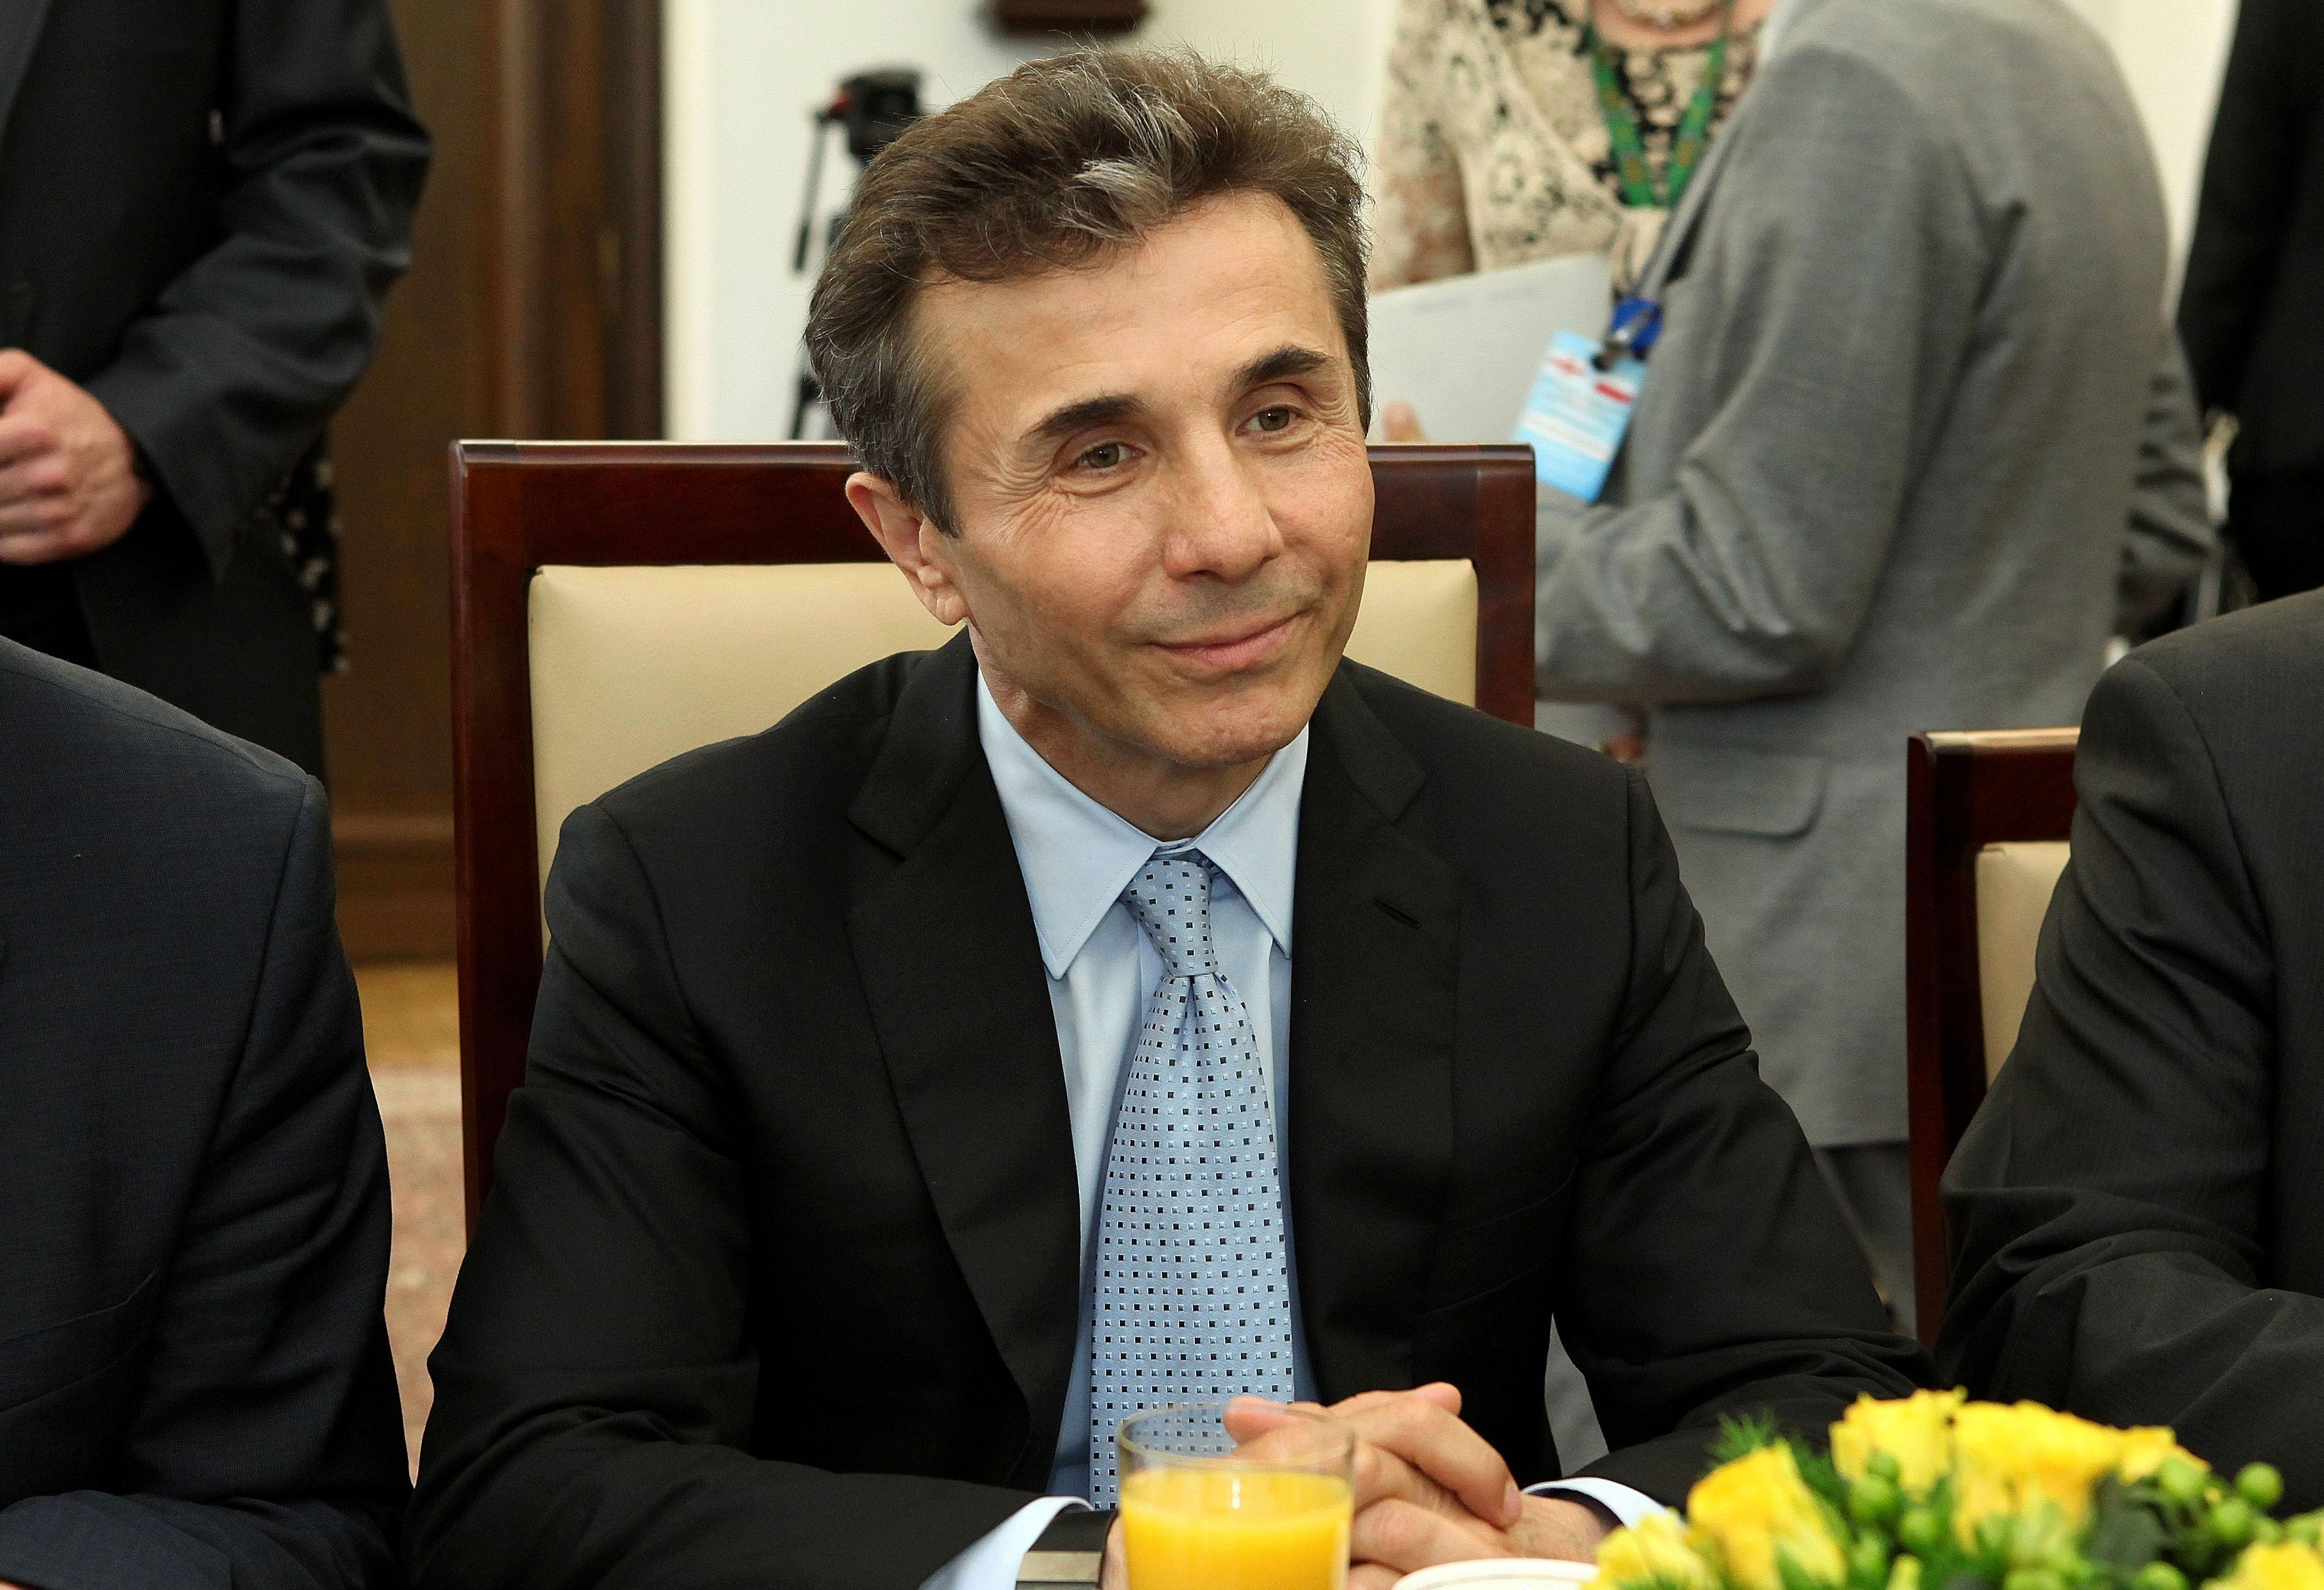 Bidzina Ivanishvili Senate of Poland